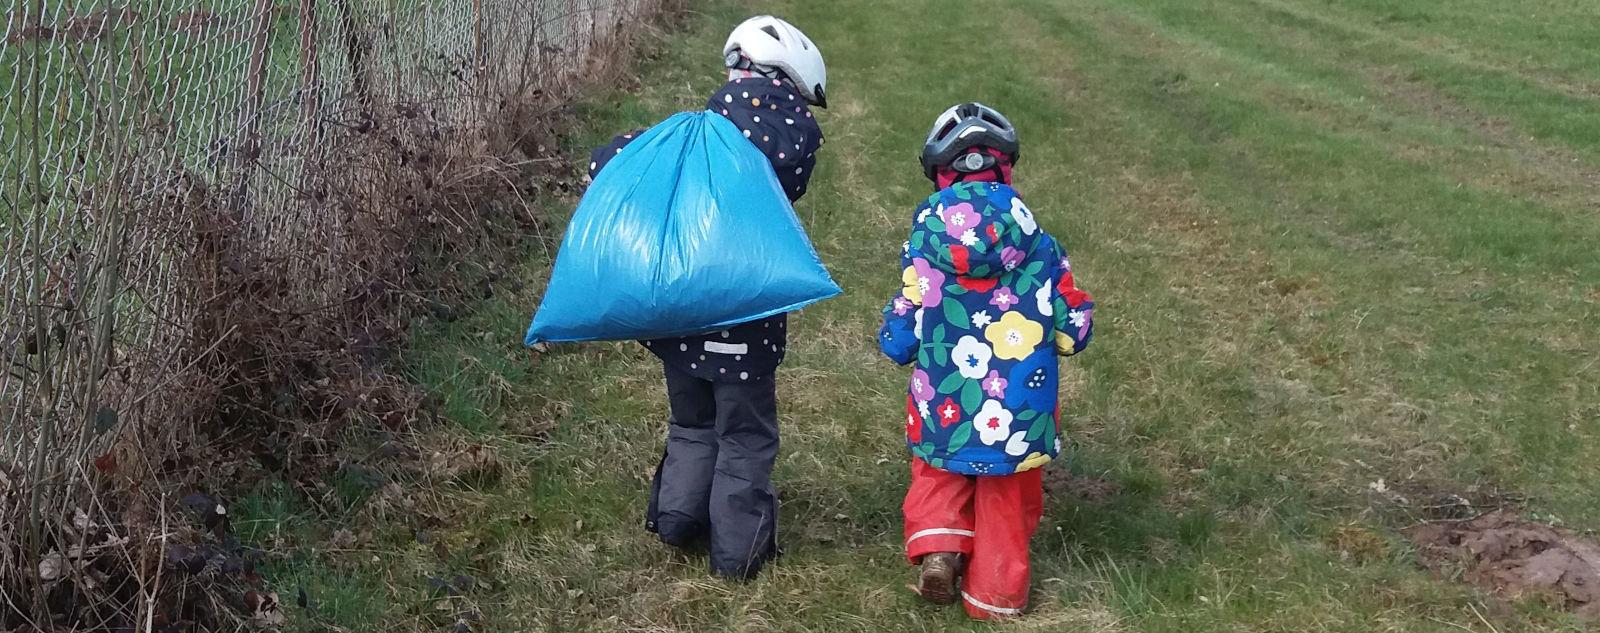 Zwei Kinder auf einer Wiese. Eines der Kinder trägt einen vollen Müllbeutel über die Schulter - Frühlingsputzaktion